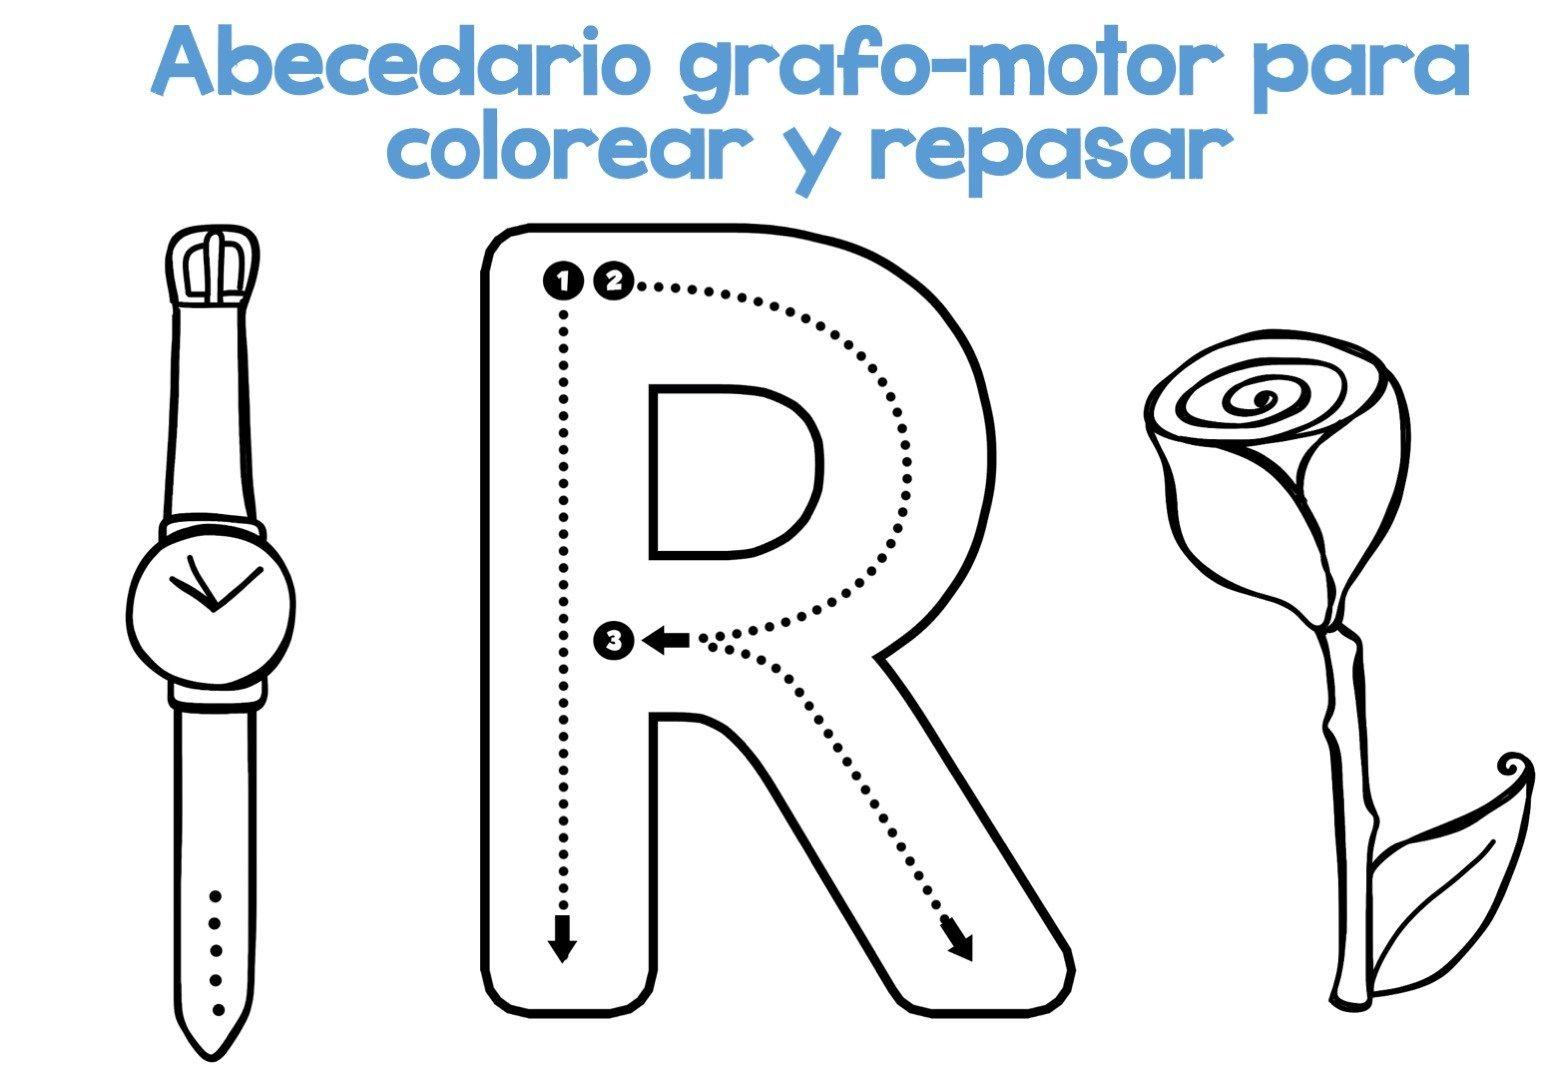 Alfabeto Para Colorear: DESCARGA EL ARCHIVO EN PDF Abecedario Grafomotor Para